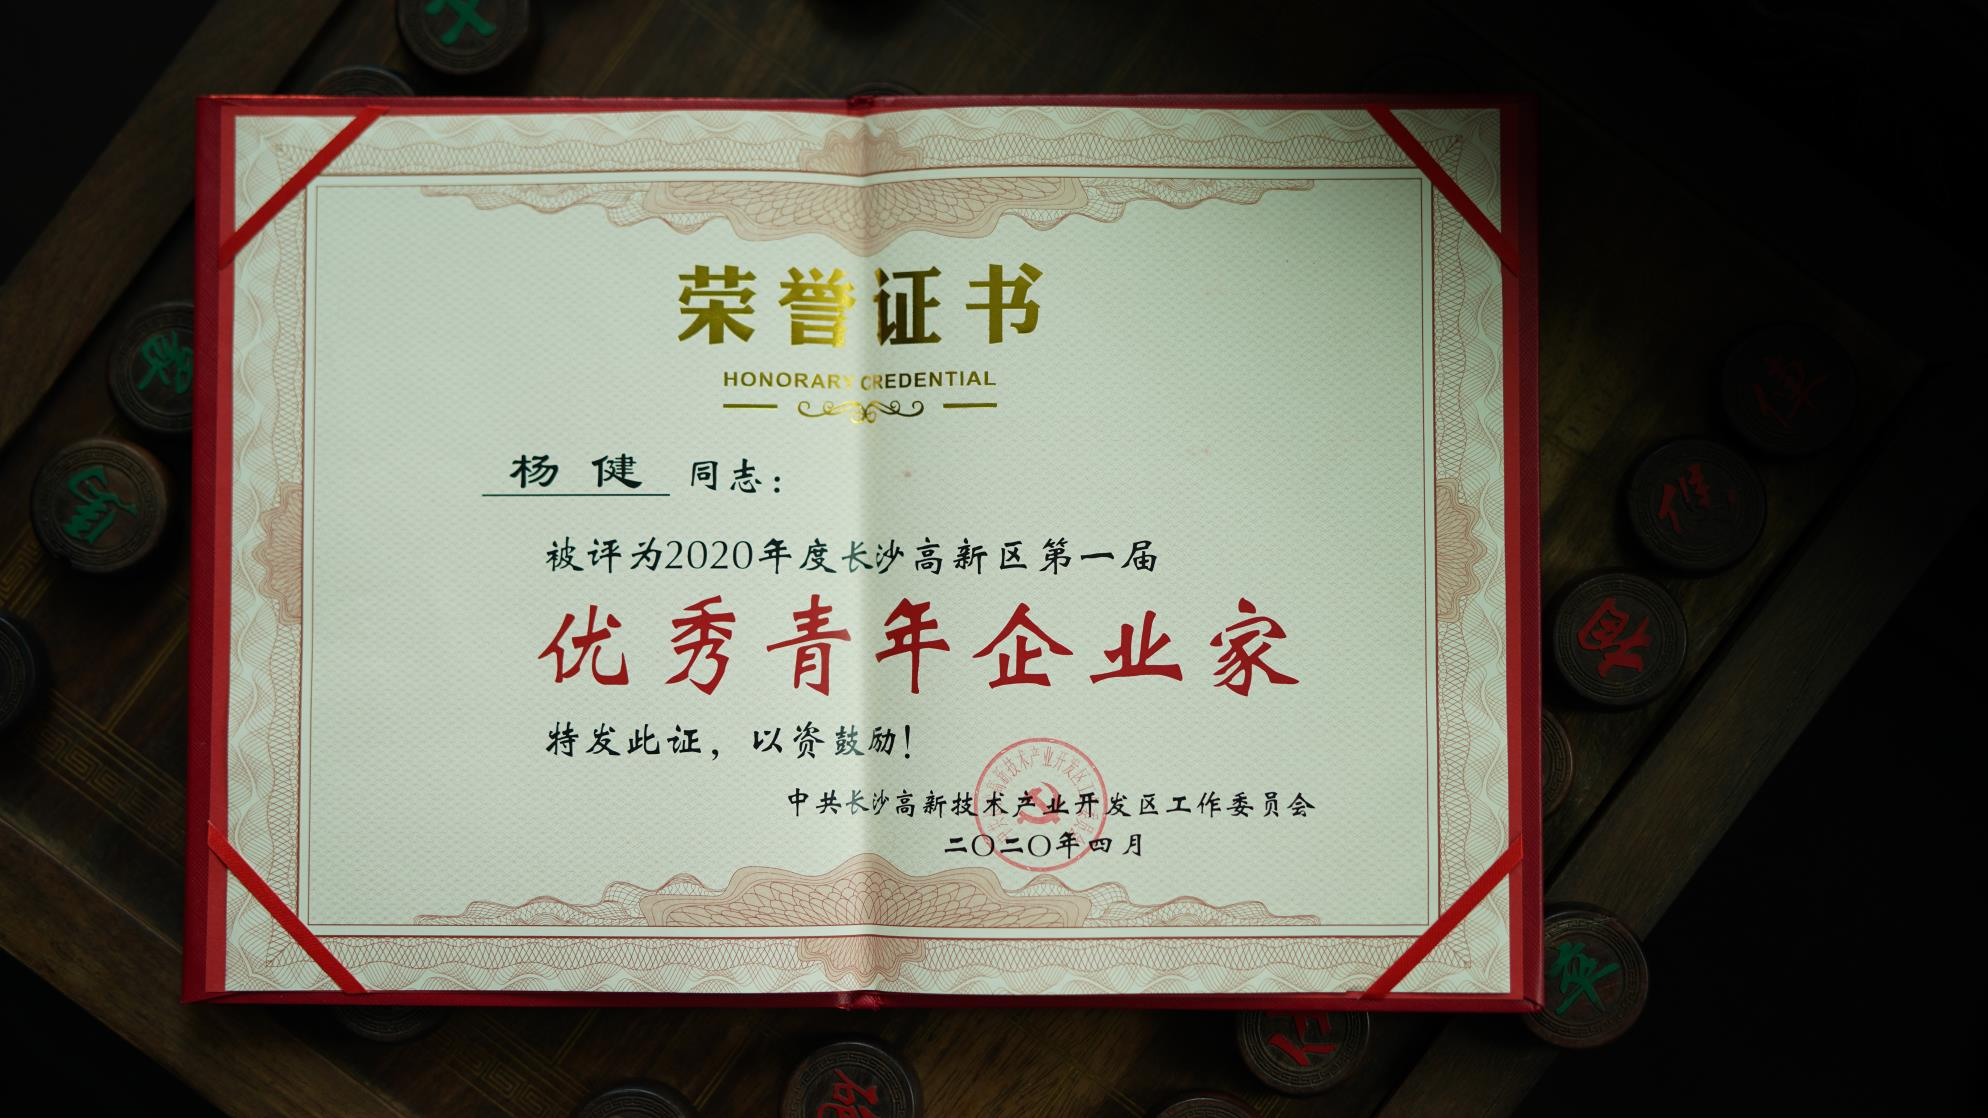 盤子女人坊楊健榮獲長沙高新區第一屆優秀青年企業家